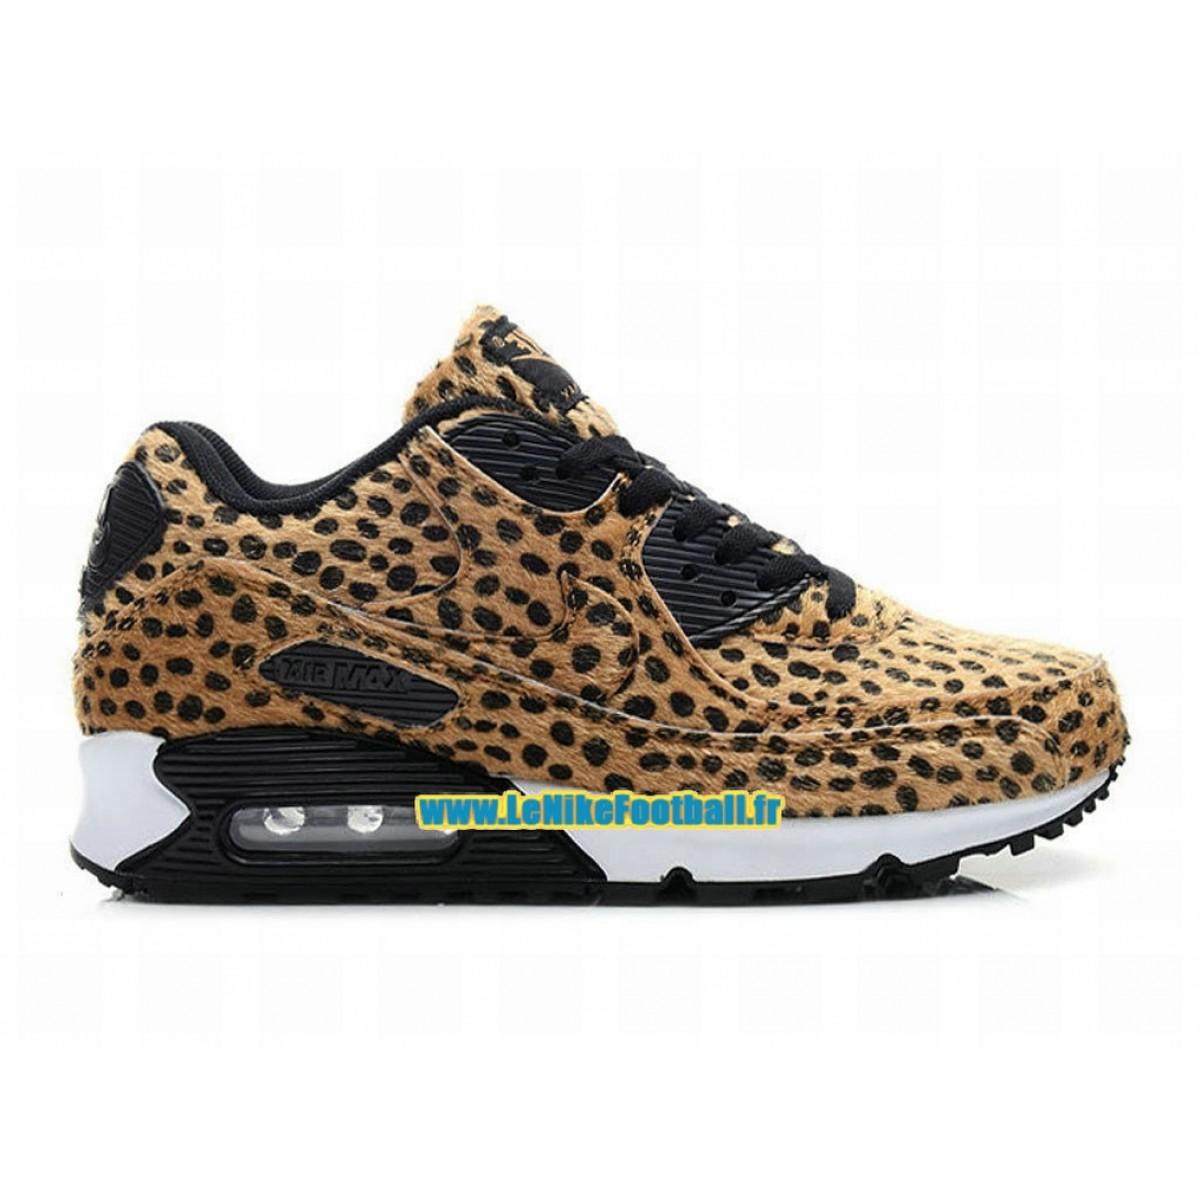 san francisco a6af8 9ba32 Achat  Vente produits Nike Air Max 90 Femme Leopard,Nike Air Max 90 Femme